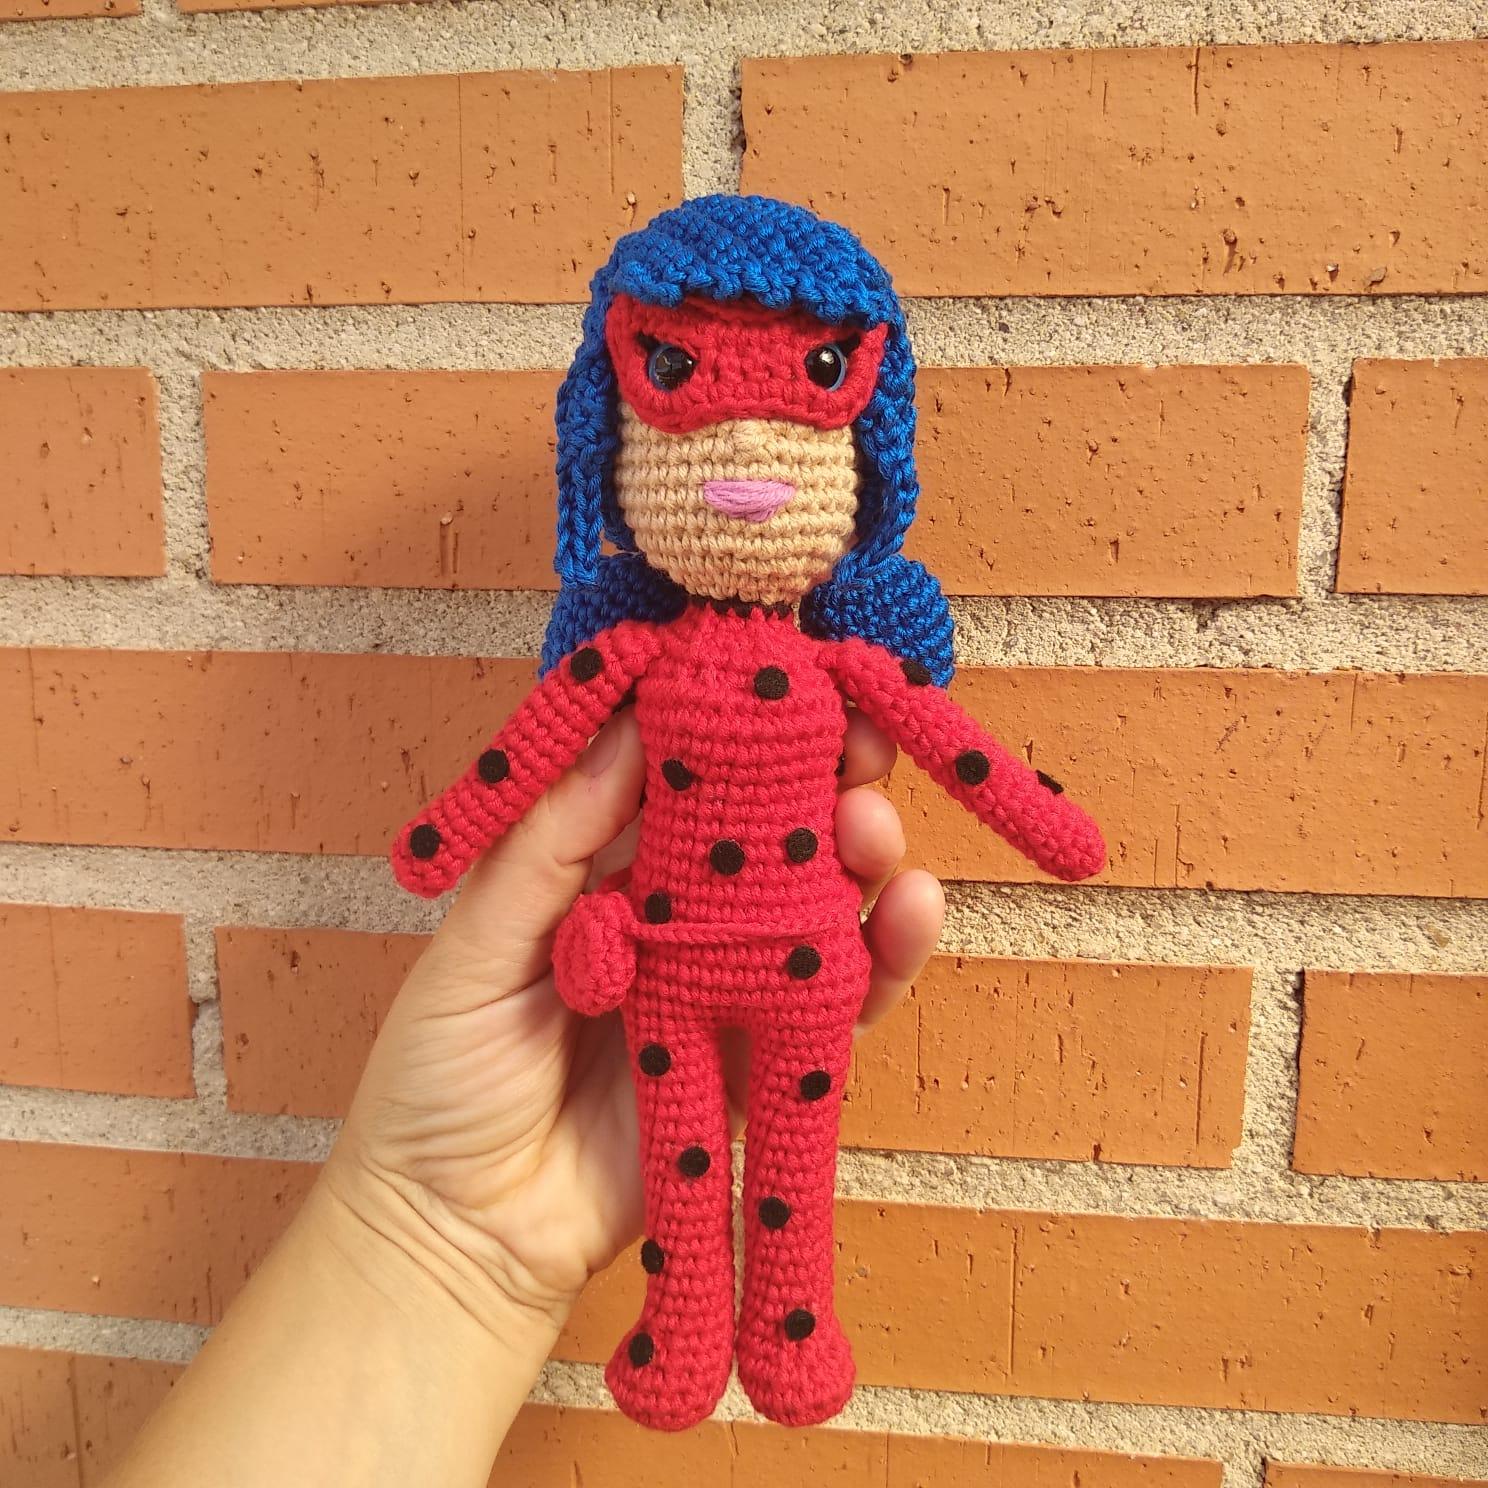 Resultado de imagen para ladybug crochet amigurumi | Patrones ... | 1488x1488